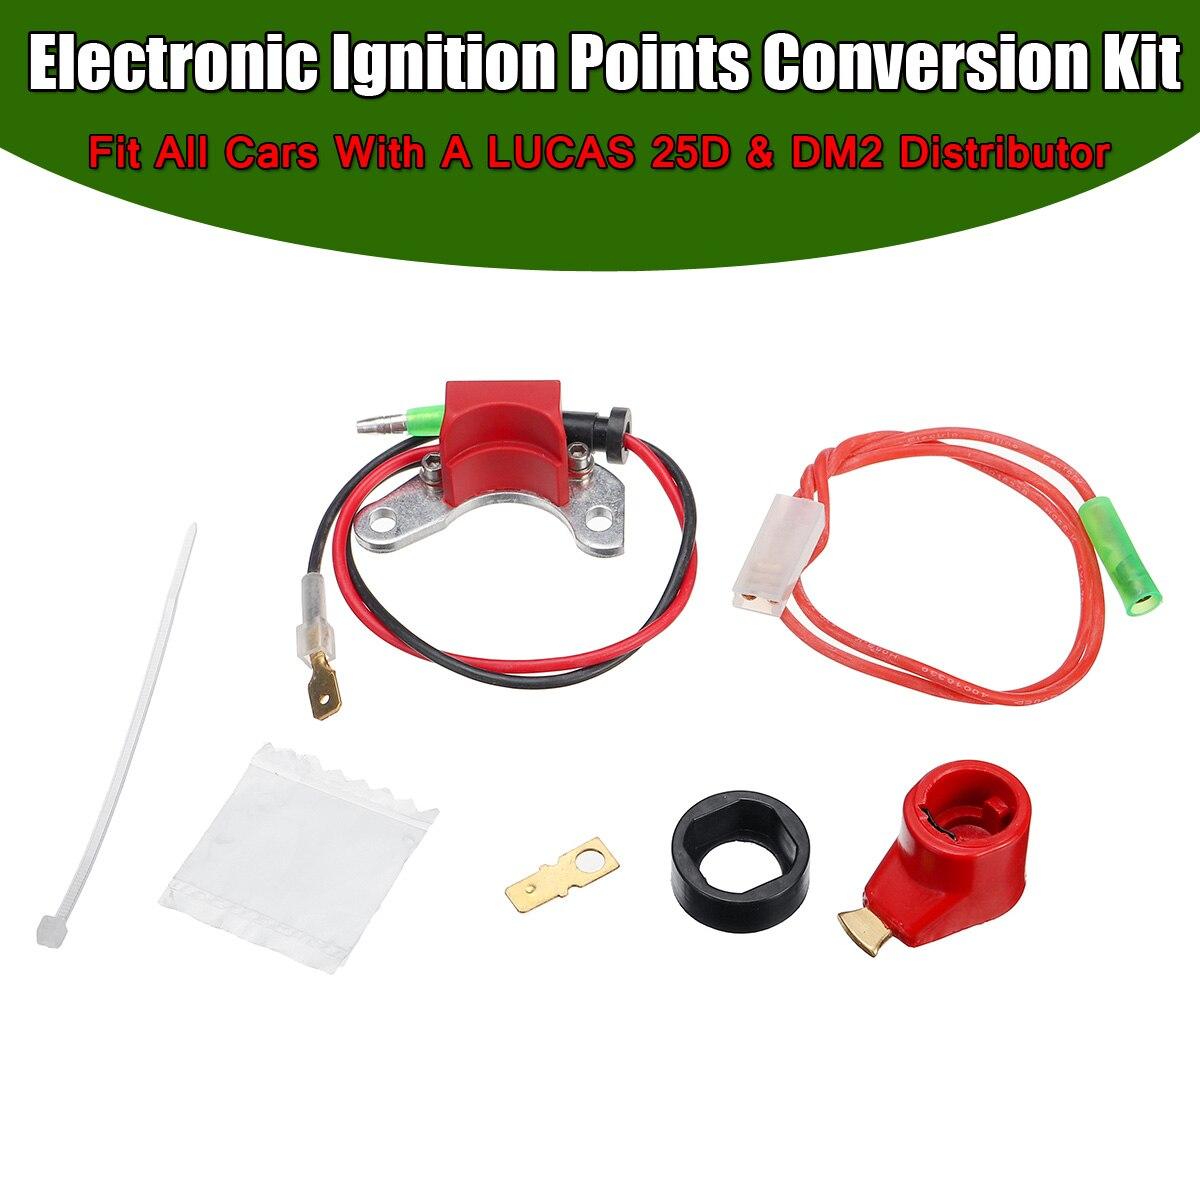 UN Set di Punti di Conversione Accensione Elettronica Distributore Bobina Kit Fit Tutte Le Auto Per LUCAS 25D + DM2 Distributore